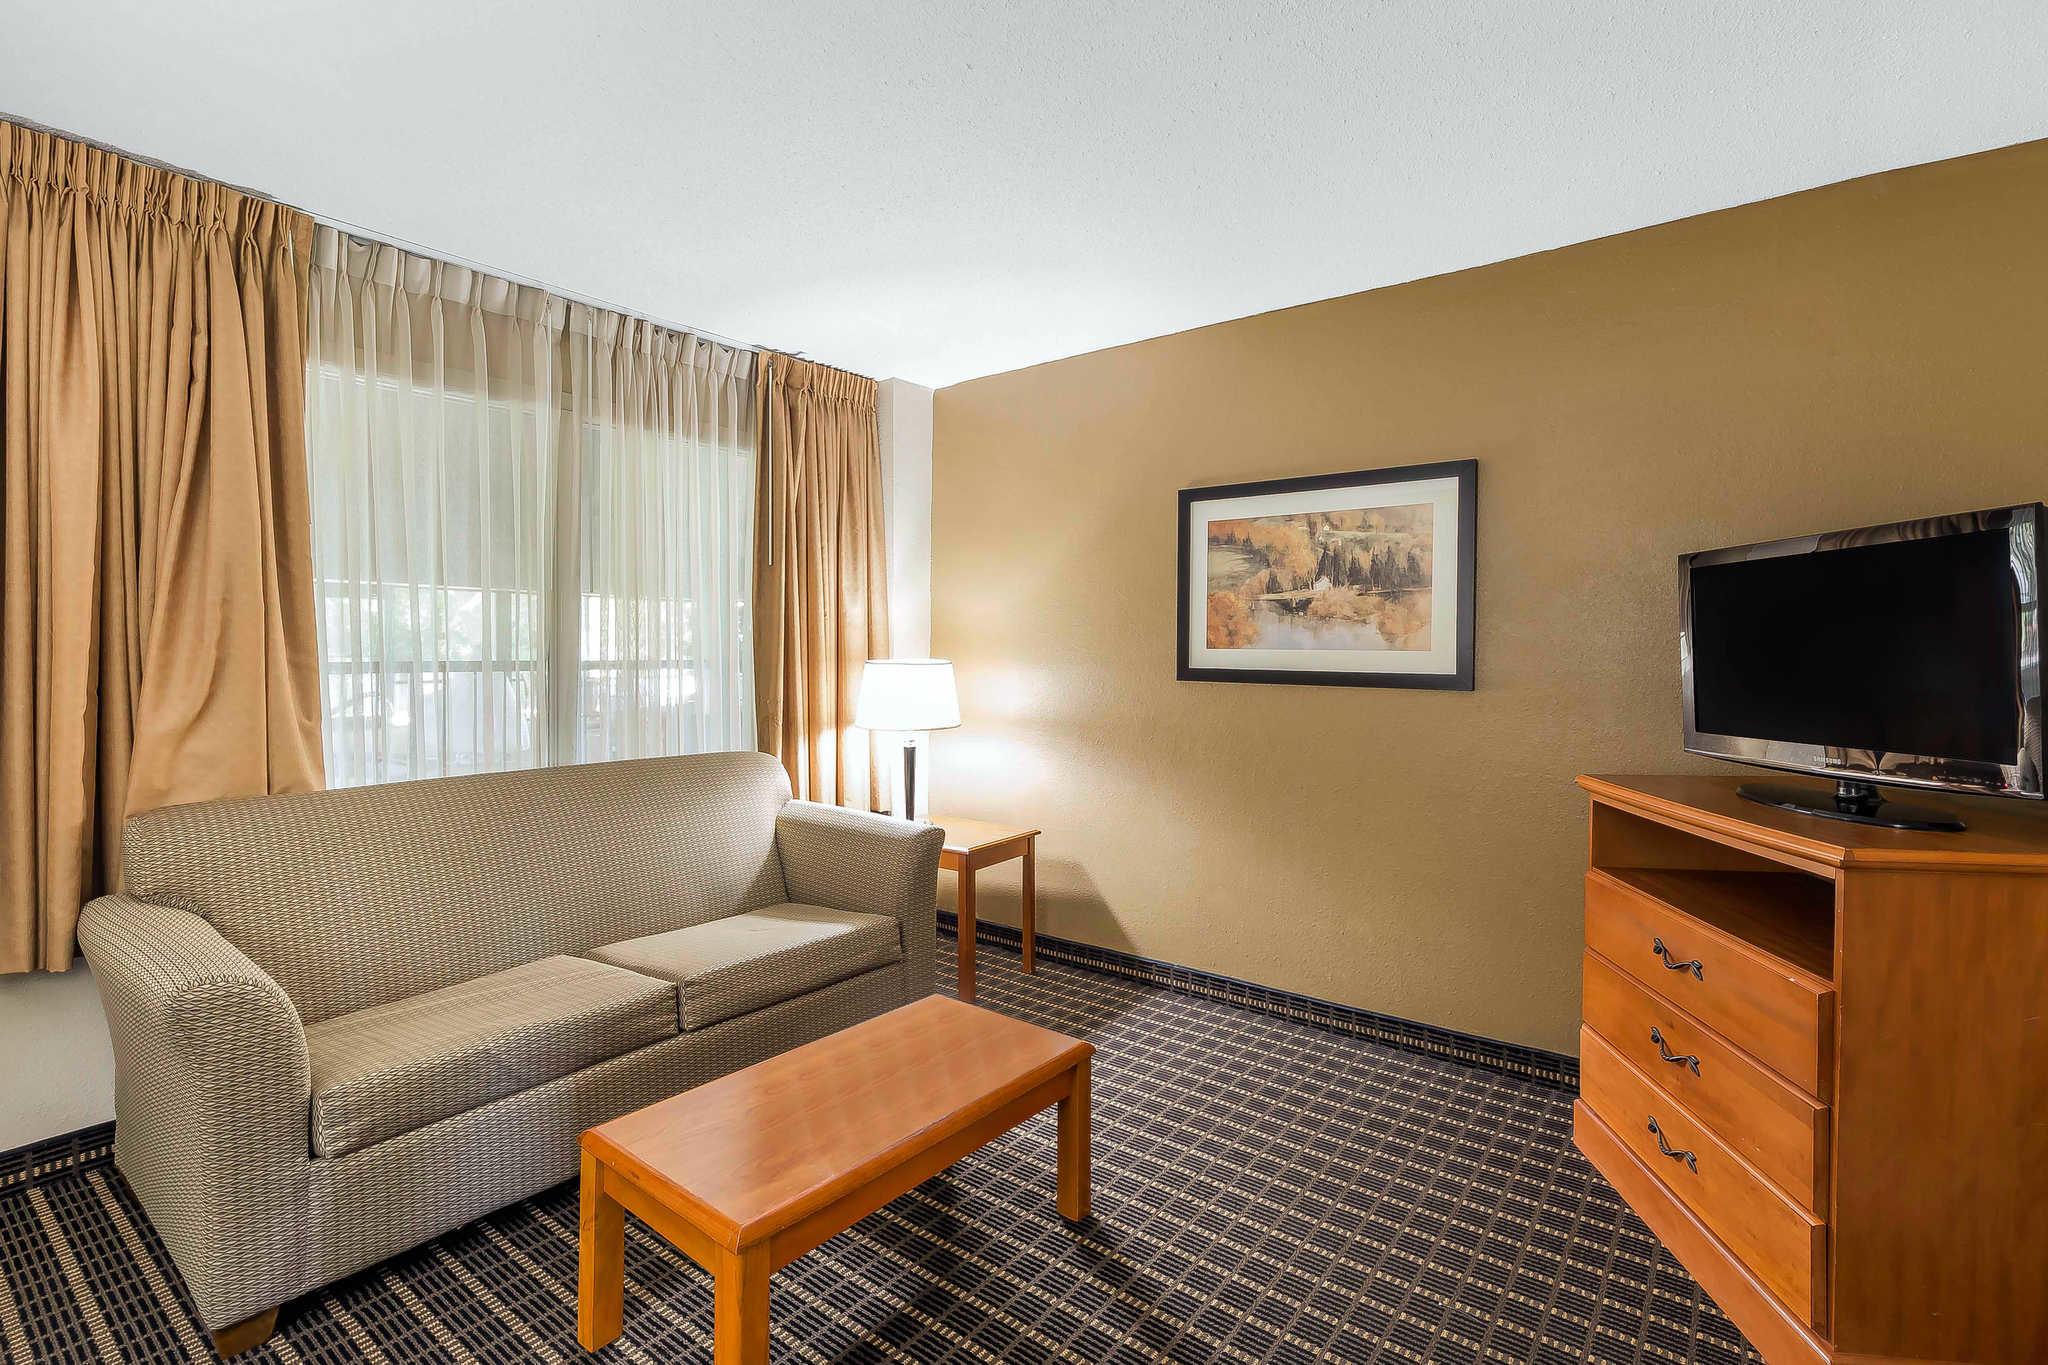 Quality Inn & Suites River Suites image 20